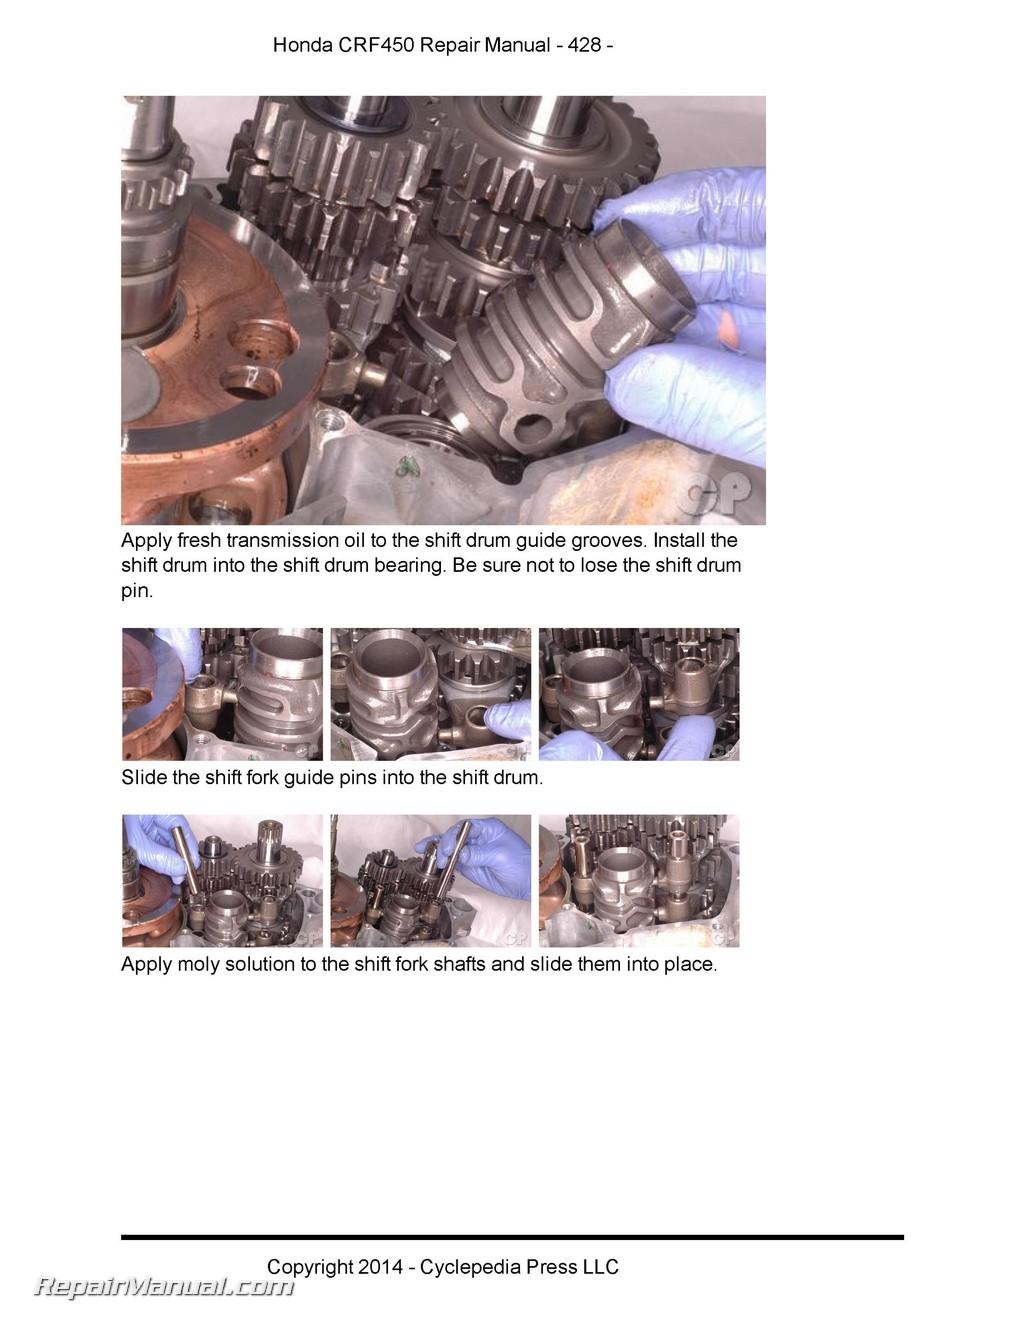 hight resolution of honda crf450r